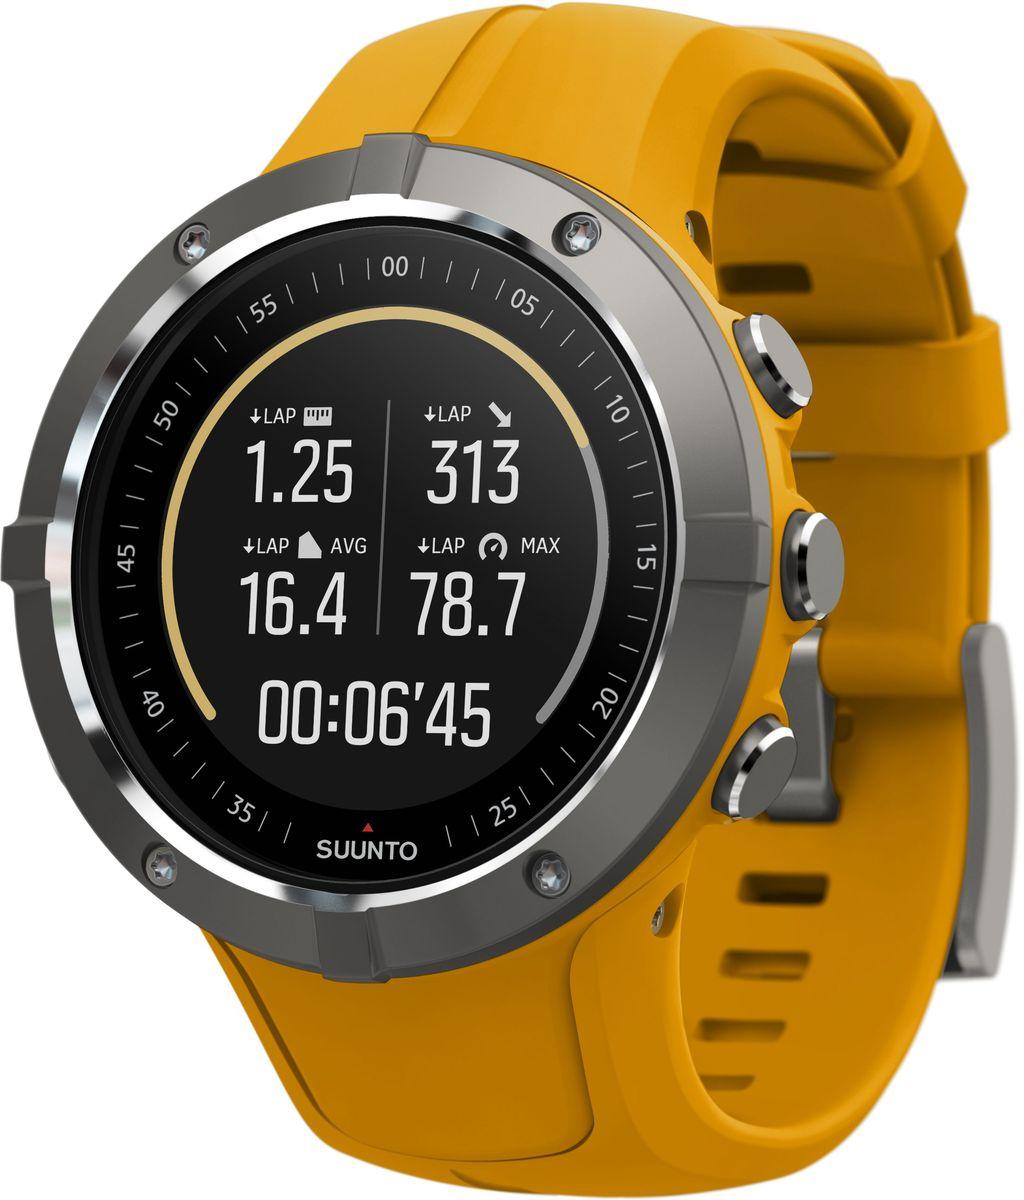 """Часы спортивные Suunto """"Spartan Trainer Wrist HR Amber"""", цвет: желтый, черный"""